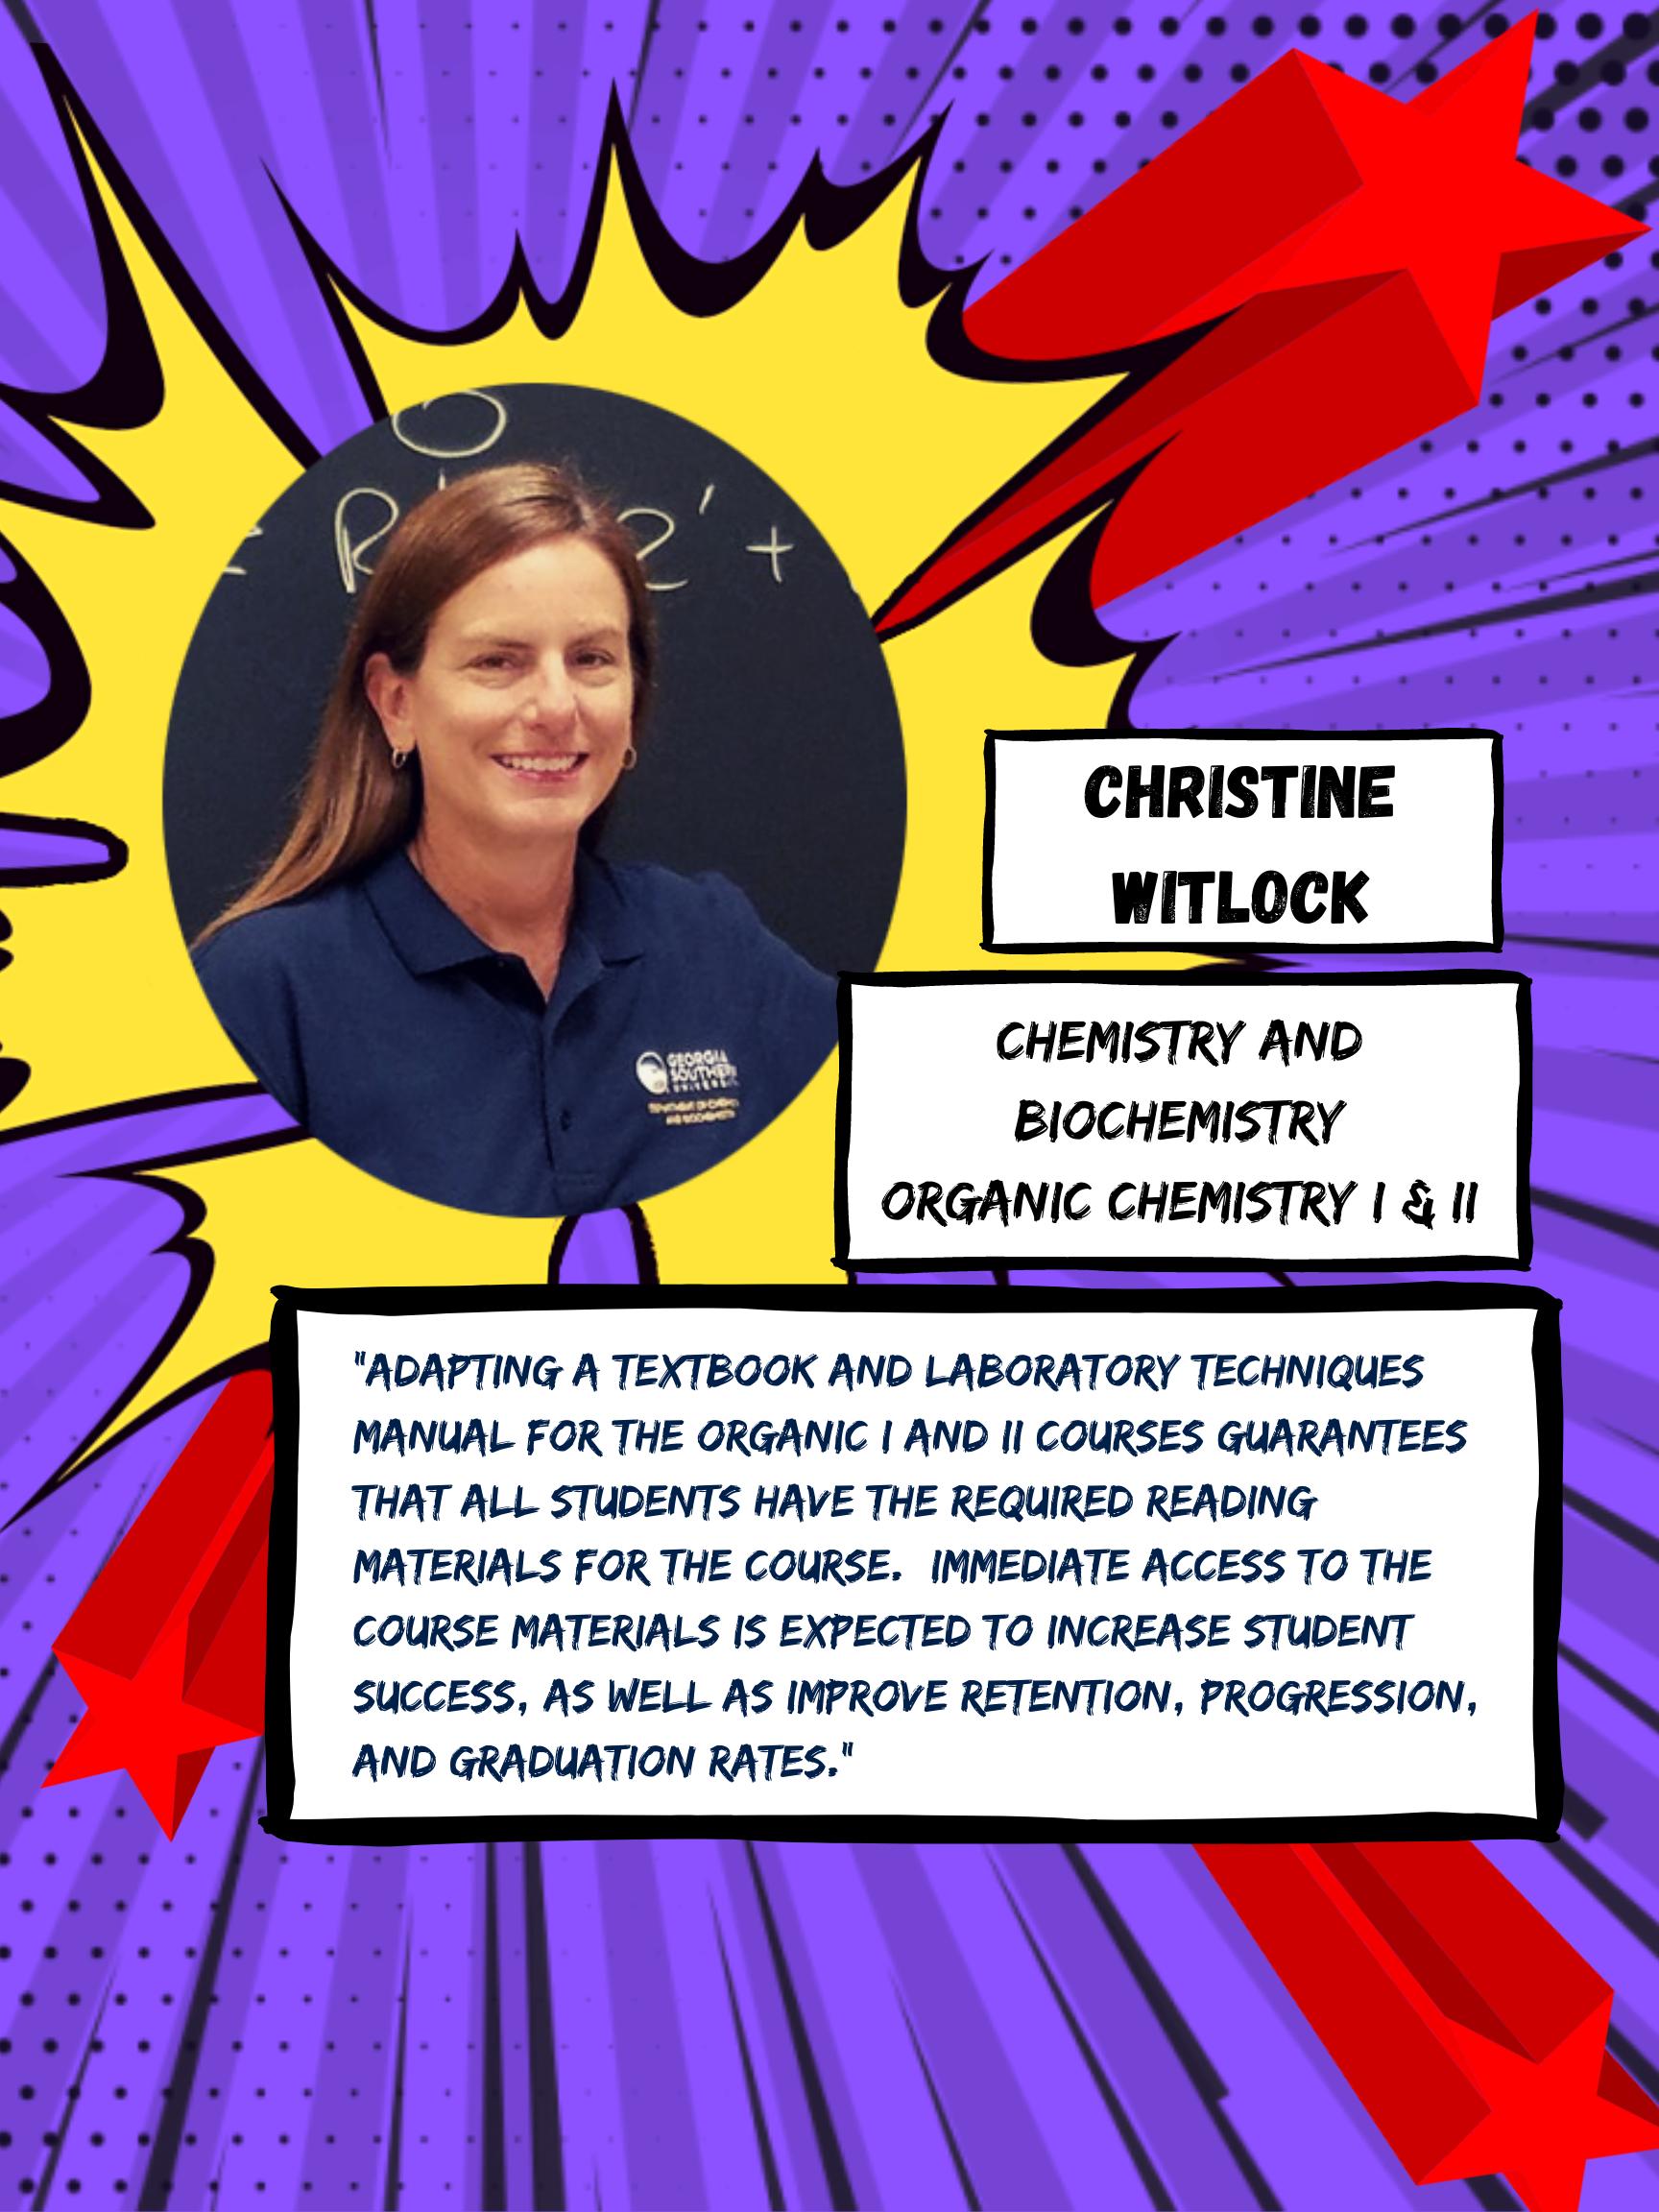 OER Heroes Christine Witlock